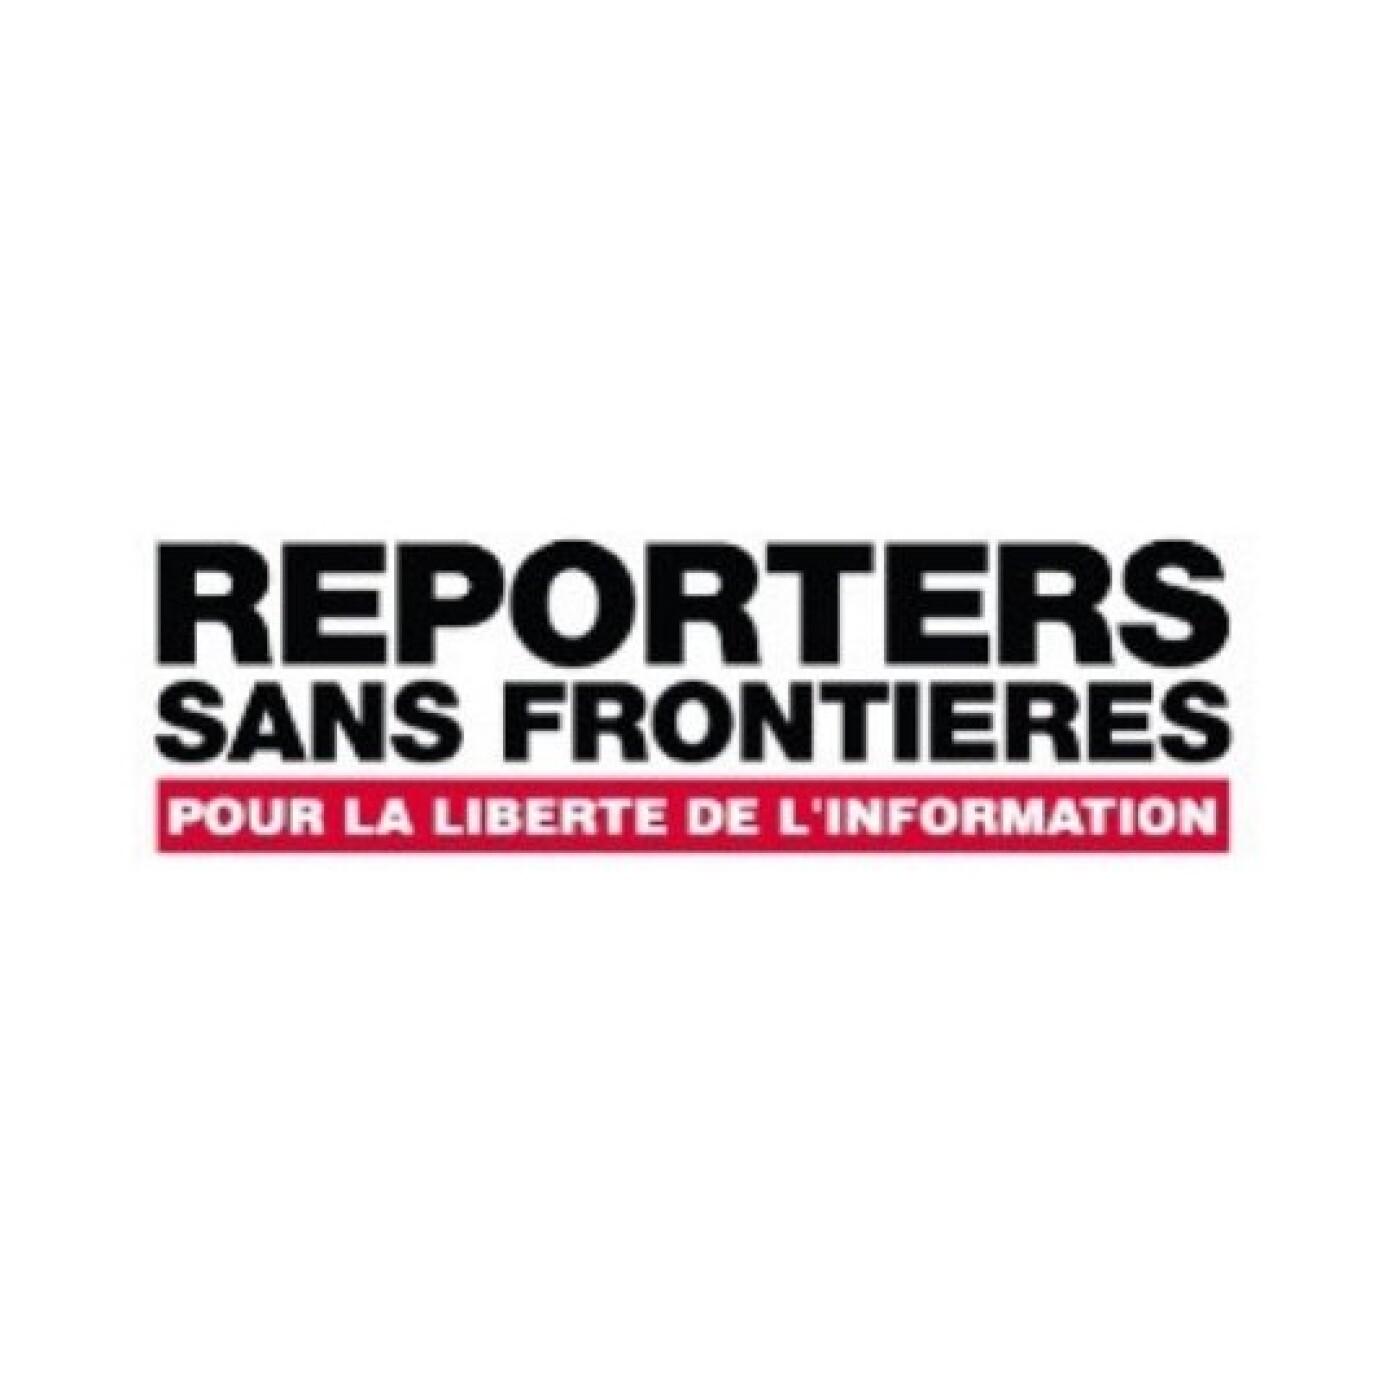 Pauline Ades, Reporters sans Frontiéres, parle de l'enlévenement d'Olivier Dubois au Mali - 07 05 2021 - StereoChic Radio